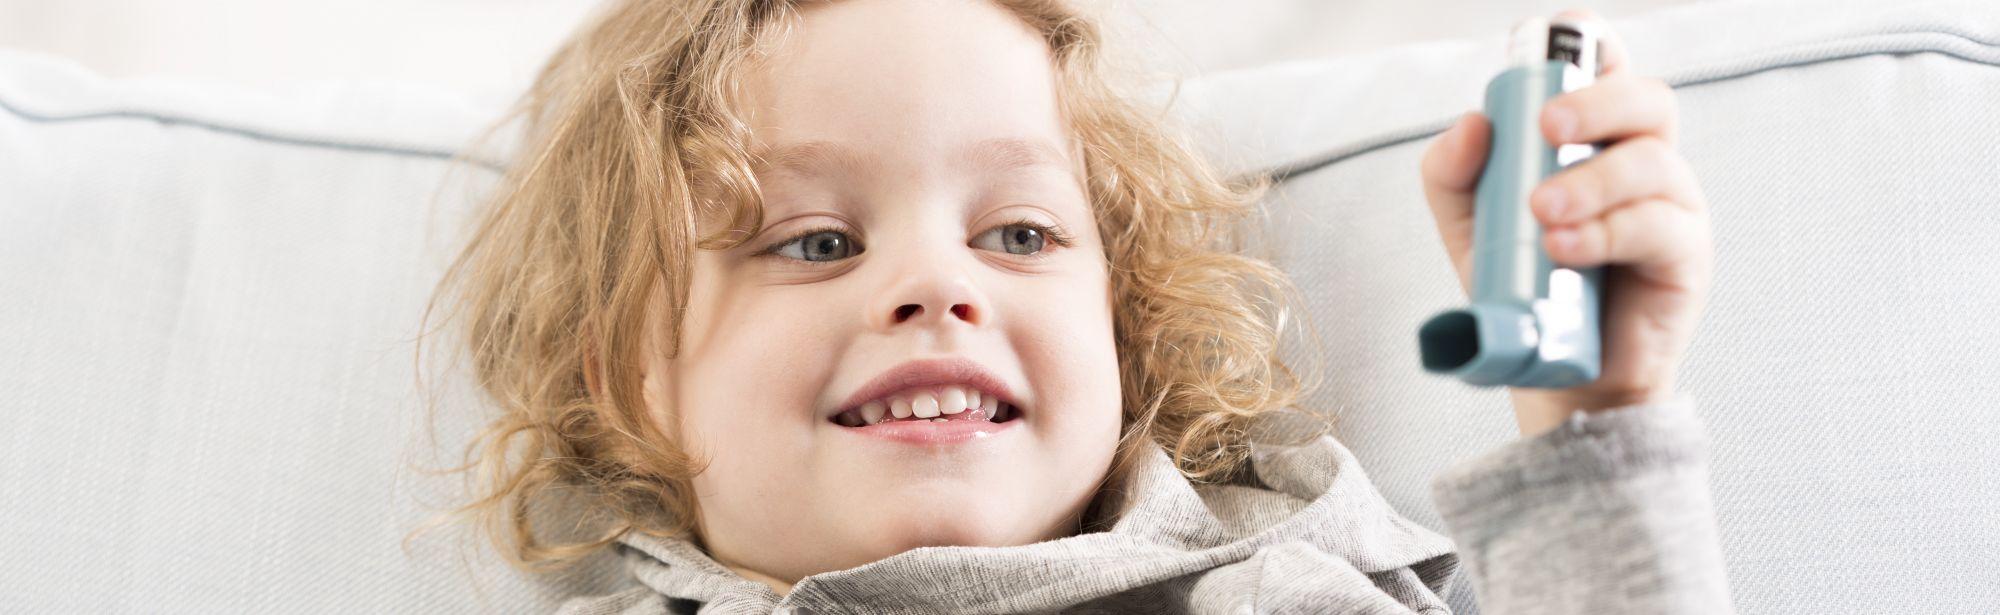 Nauravainen poikalapsi pitää inhalaattoria kädessä ja voi hyvin